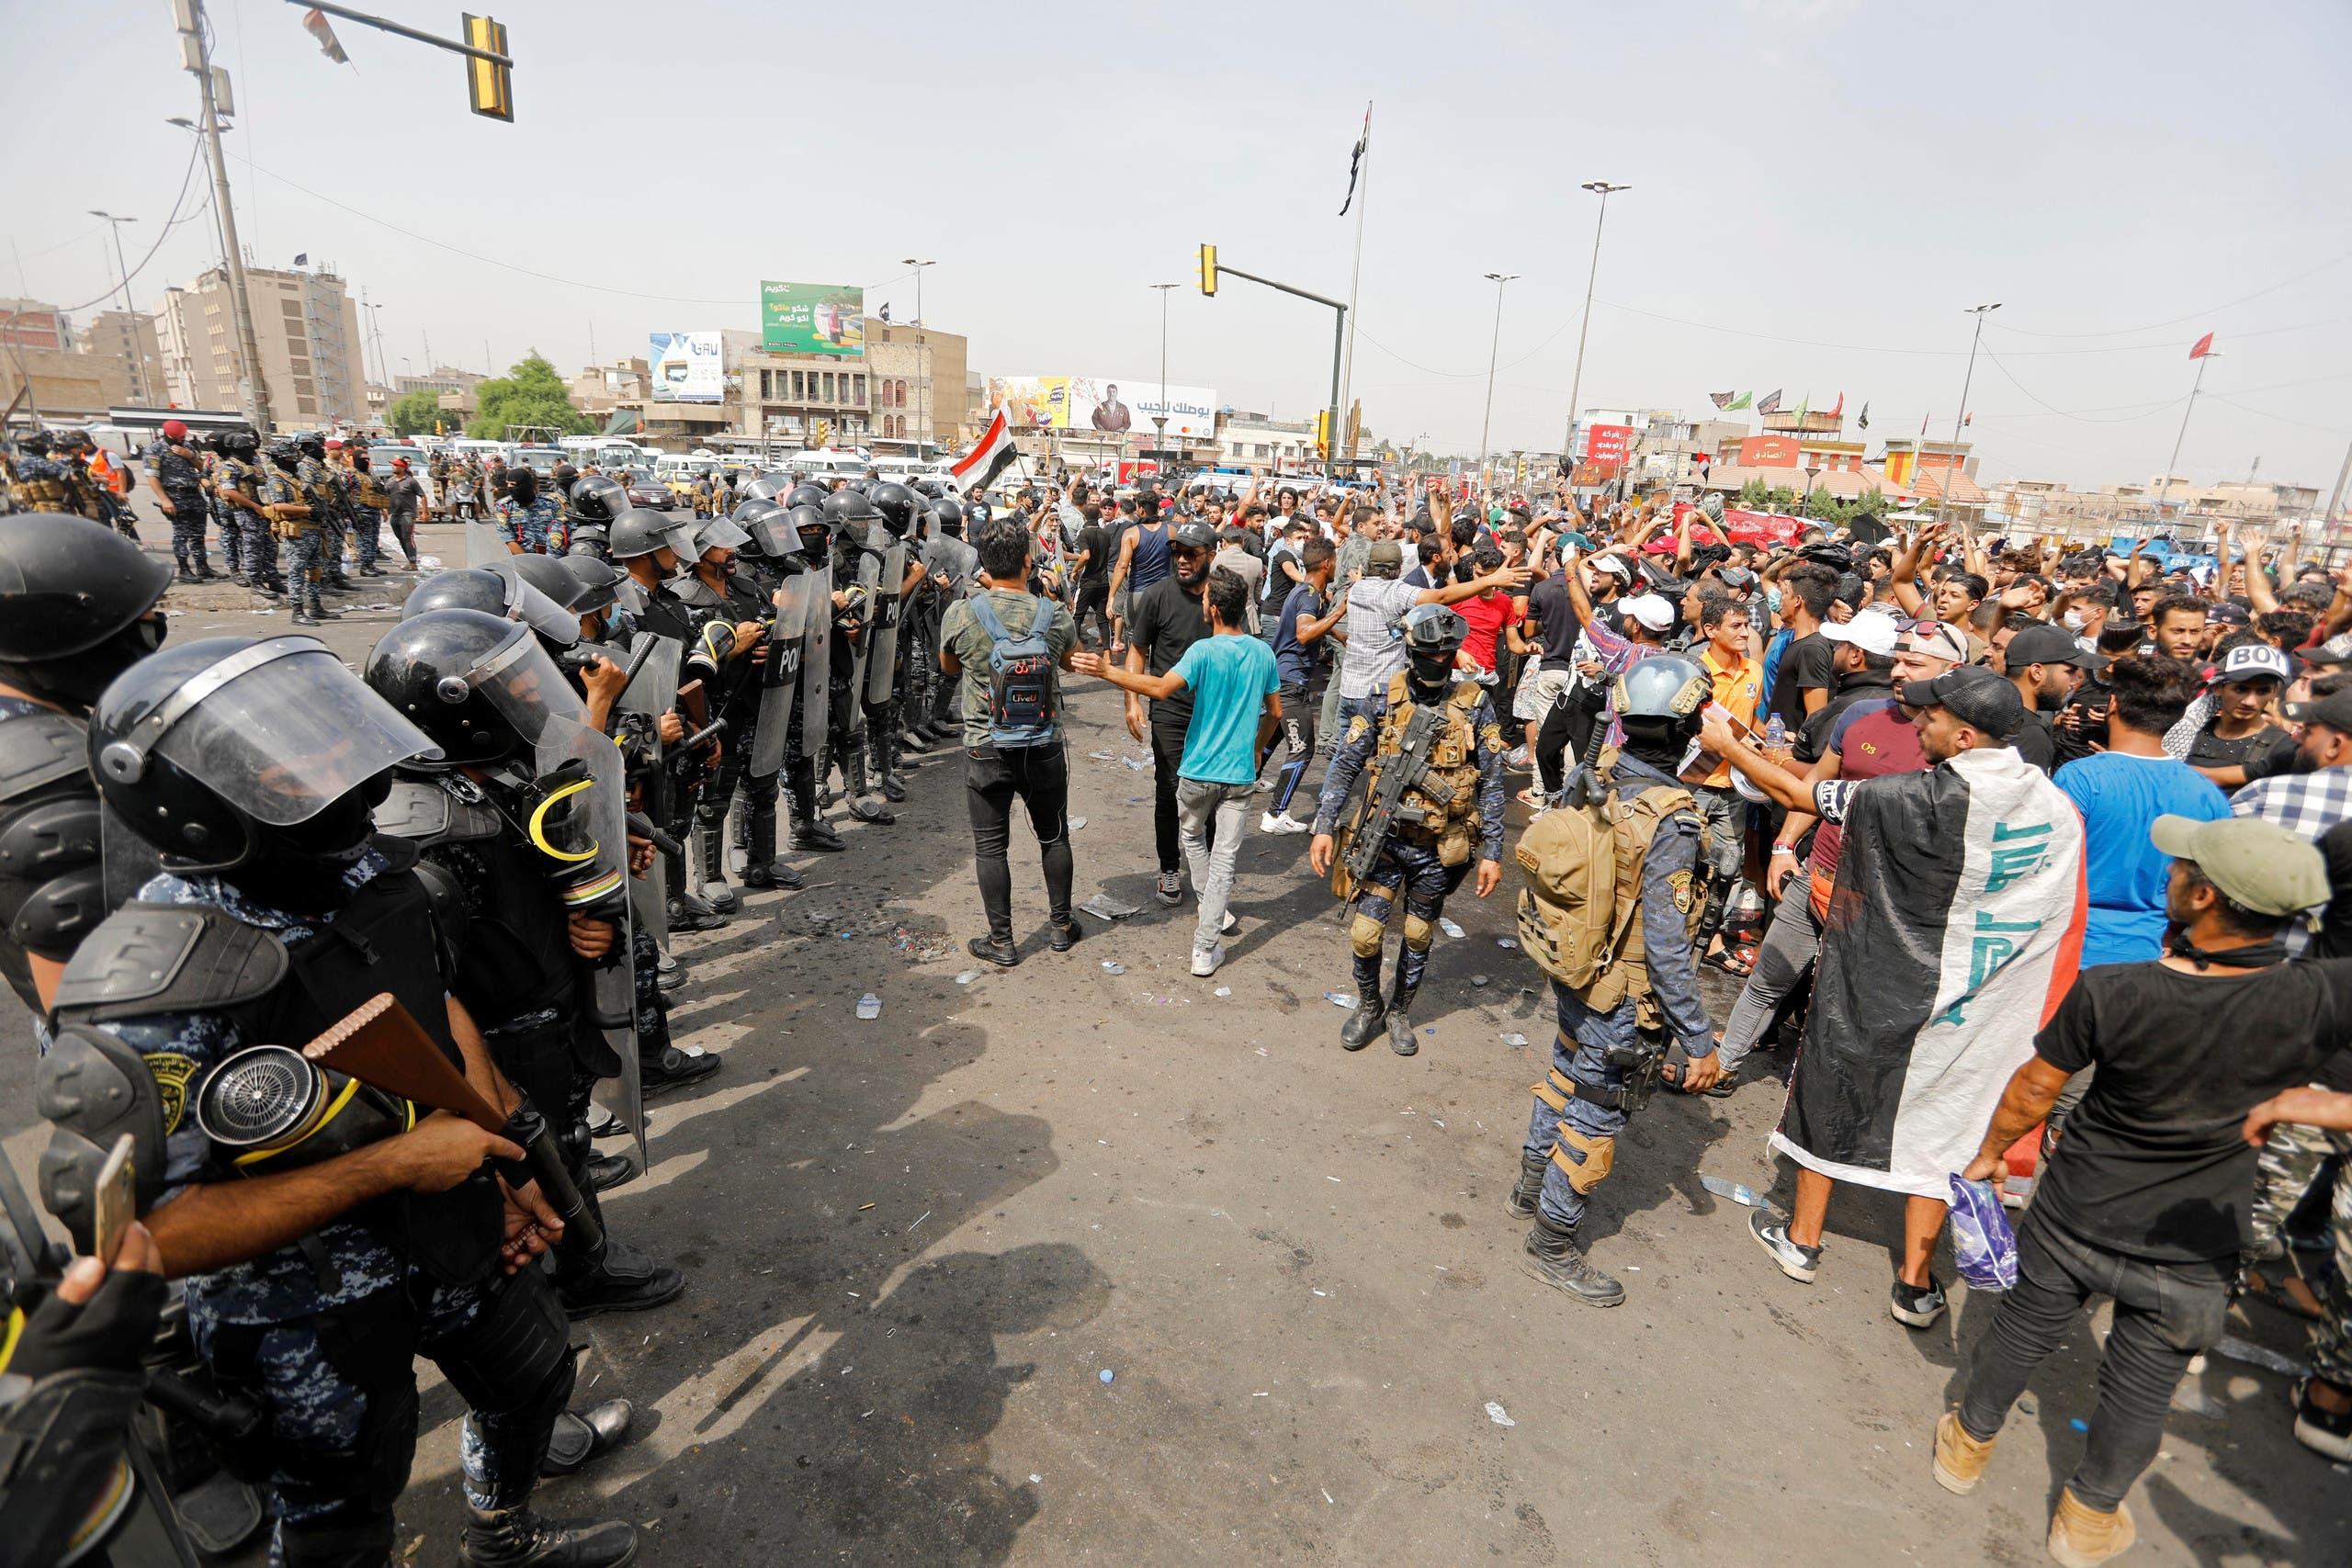 قوات الأمن تقف أمام متظاهرين في بغداد